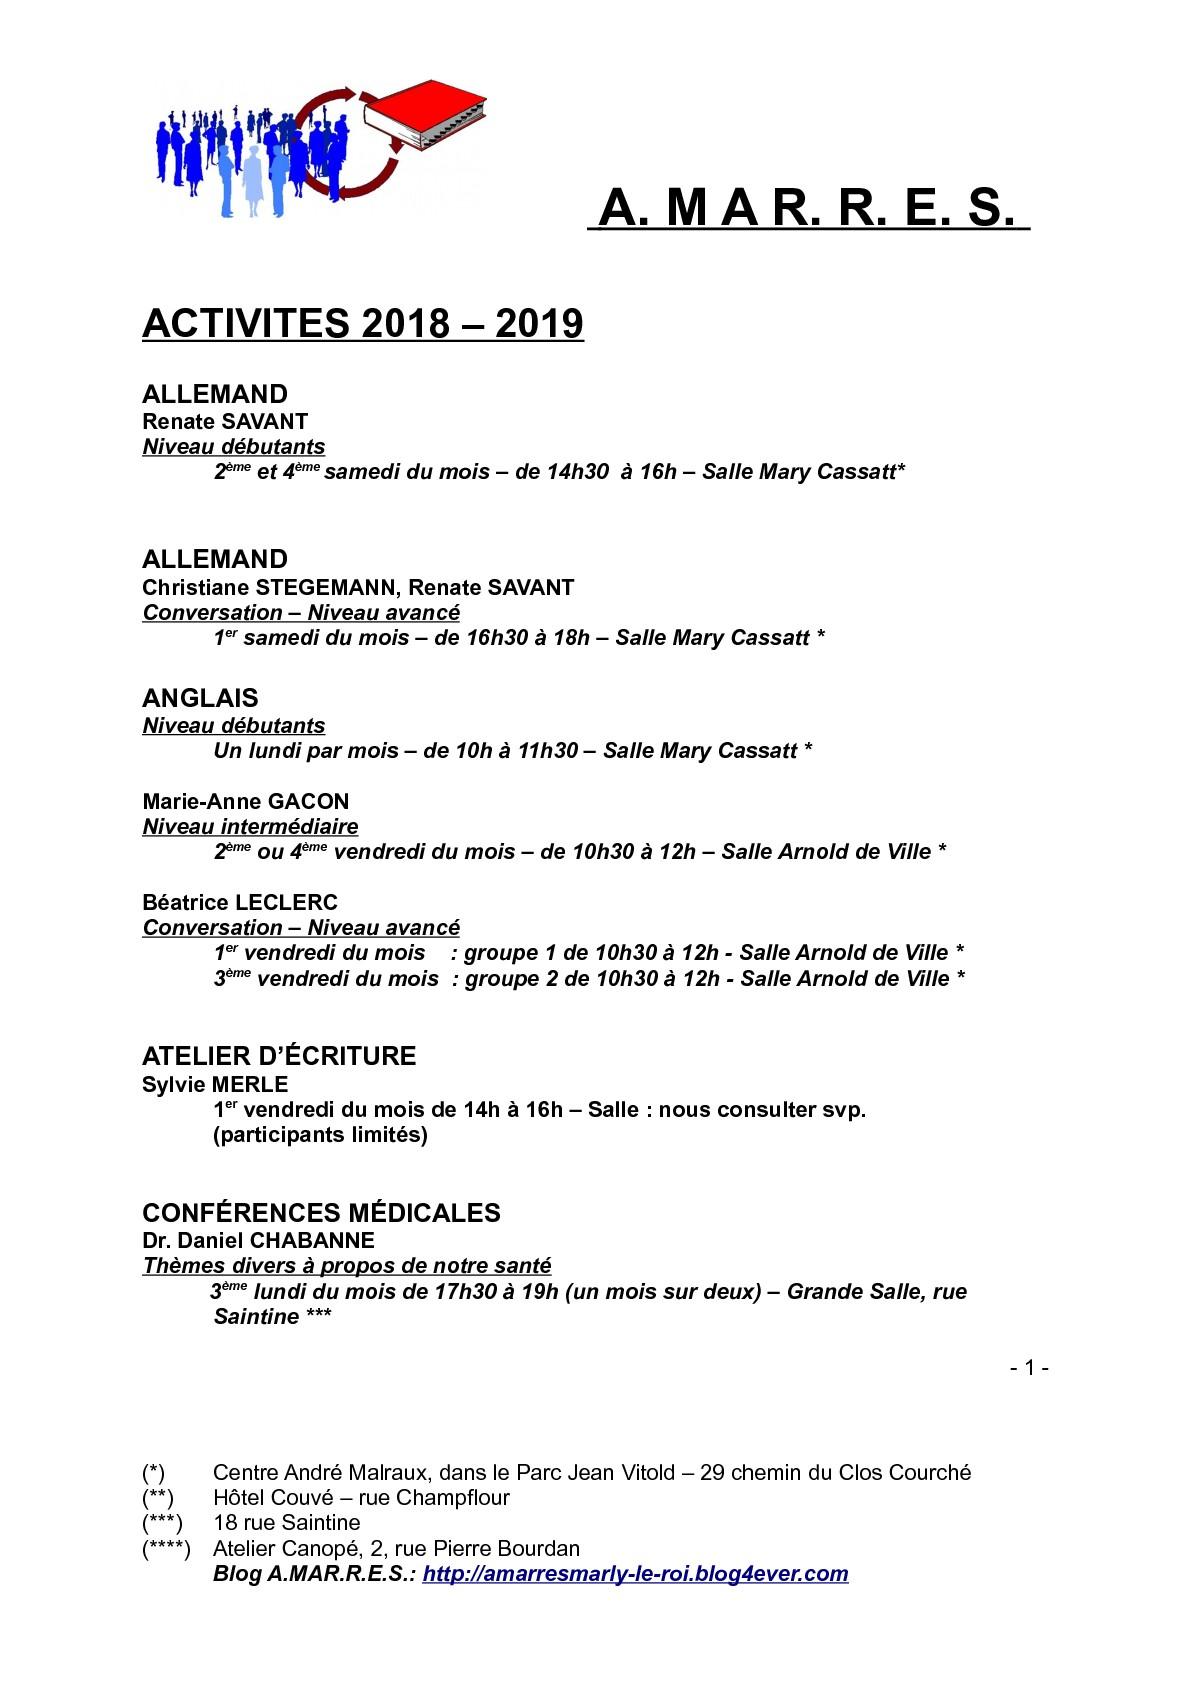 Nos activités 2018-2019-001-001.jpg